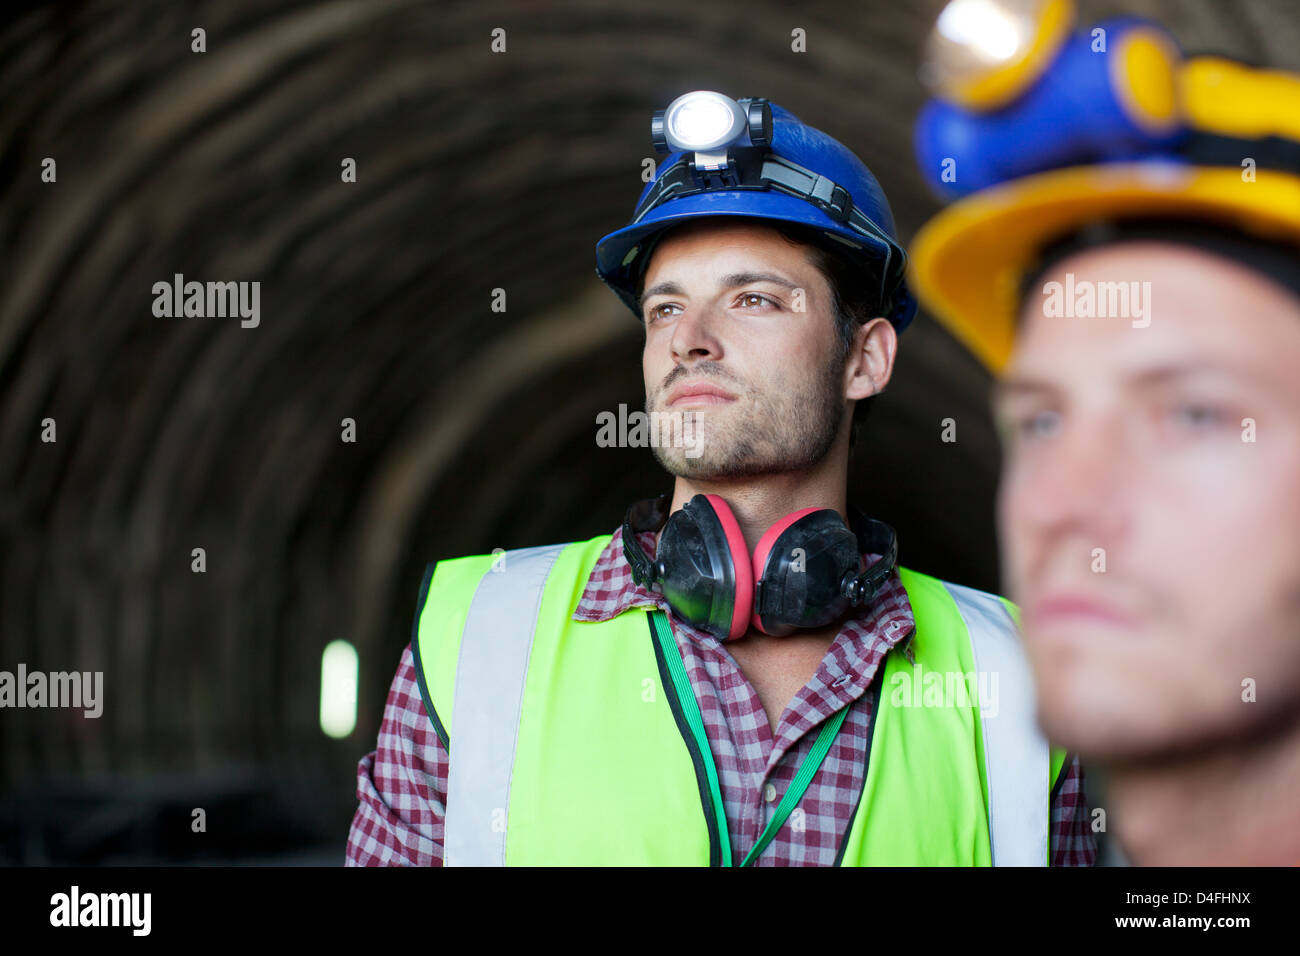 Lavoratori guardando fuori dal tunnel Immagini Stock